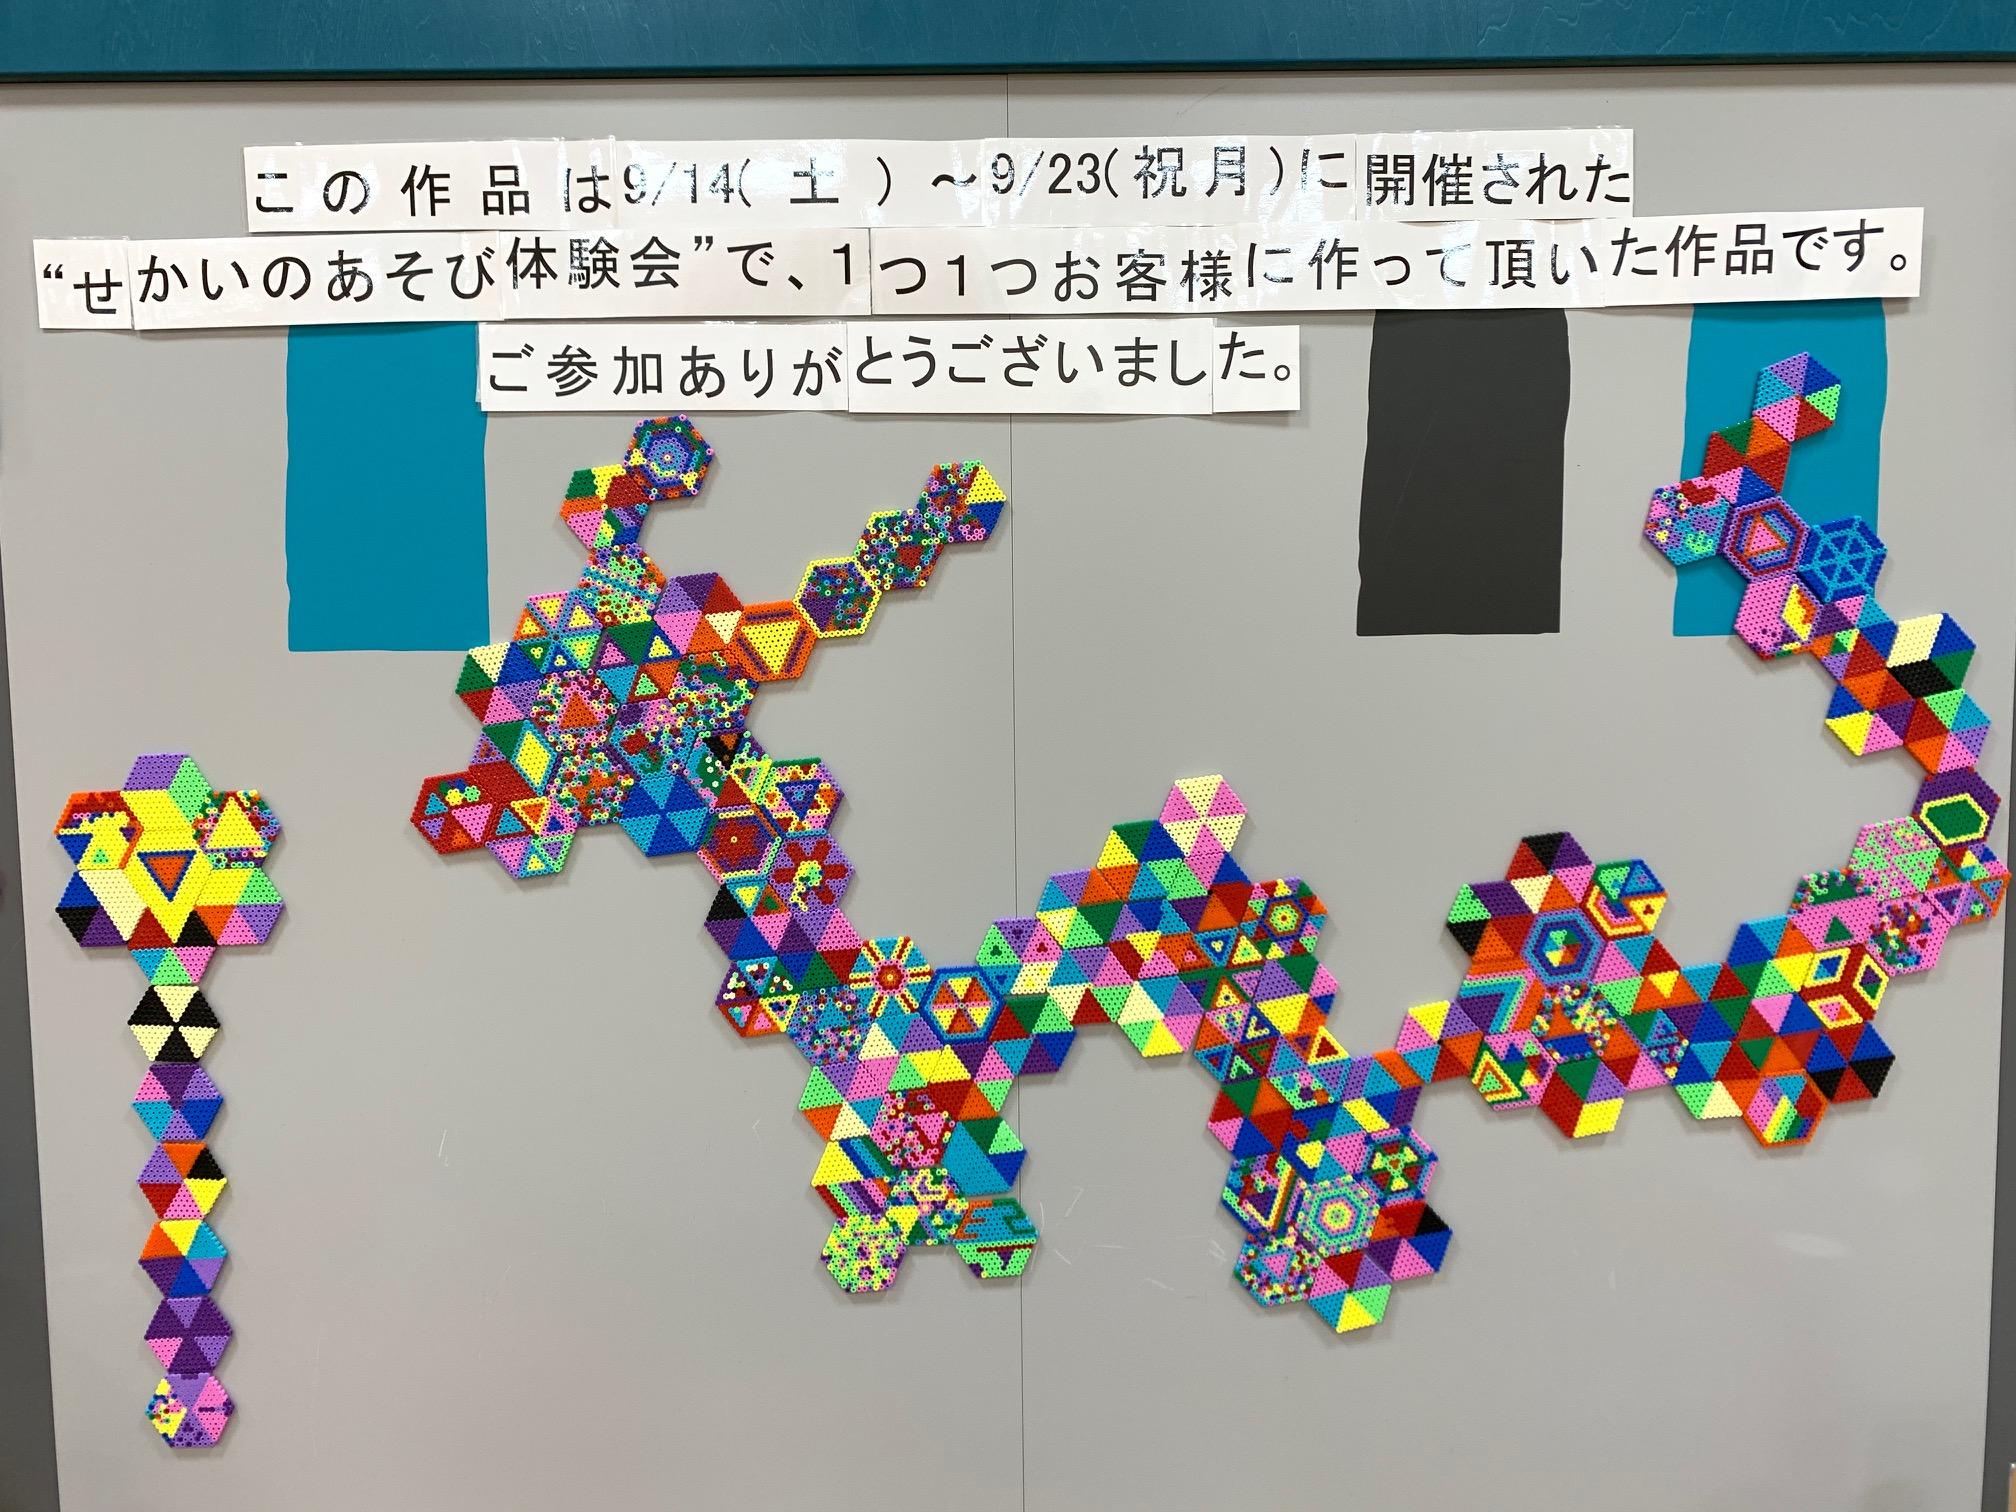 ハマビーズ☆作品展示のお知らせ